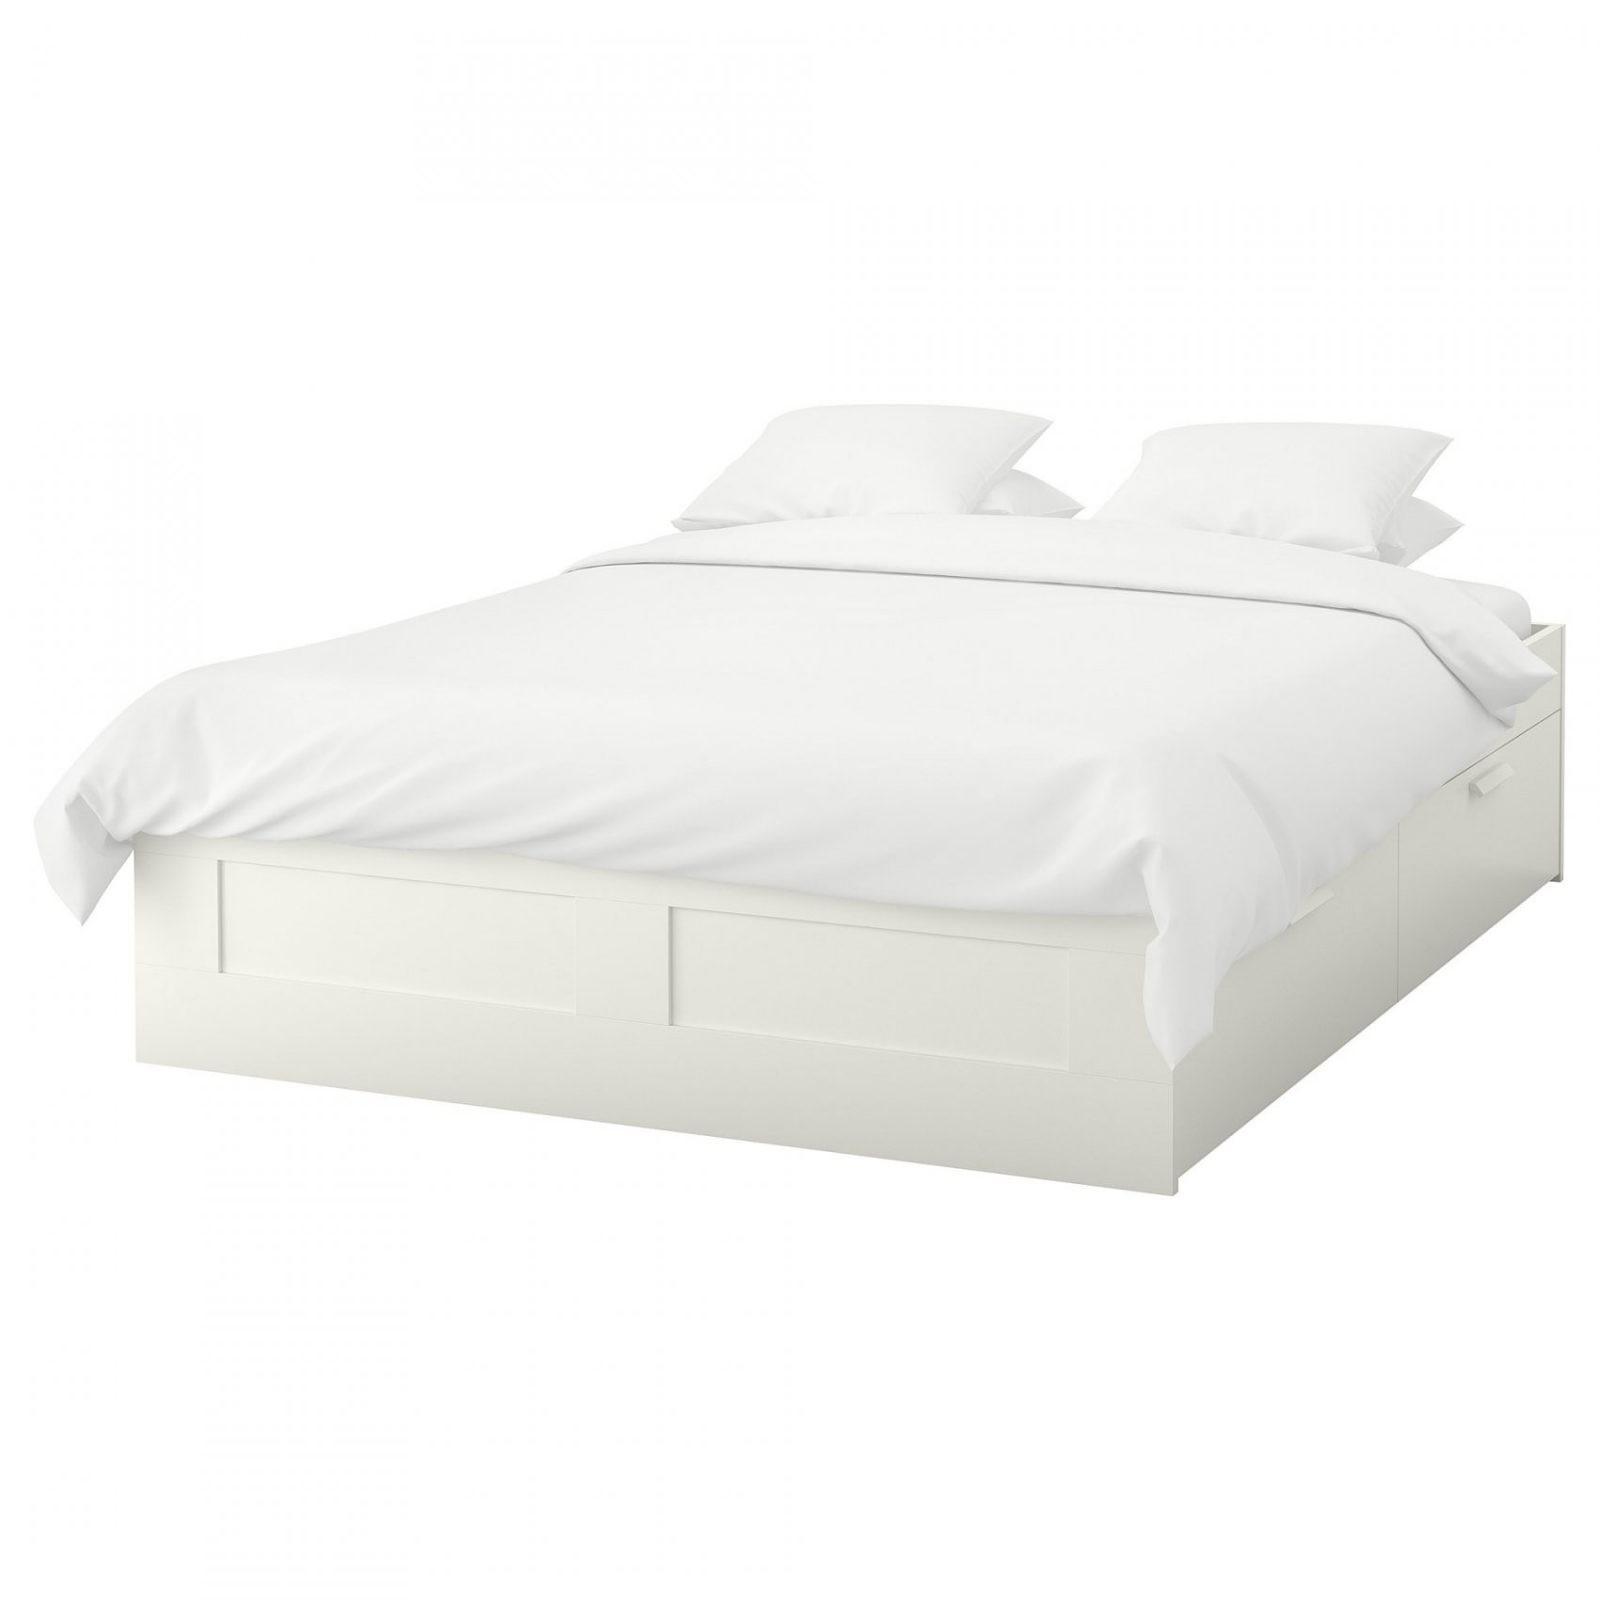 Verwonderend Ikea Brimnes Bett 160X200 | Haus Bauen HO-84